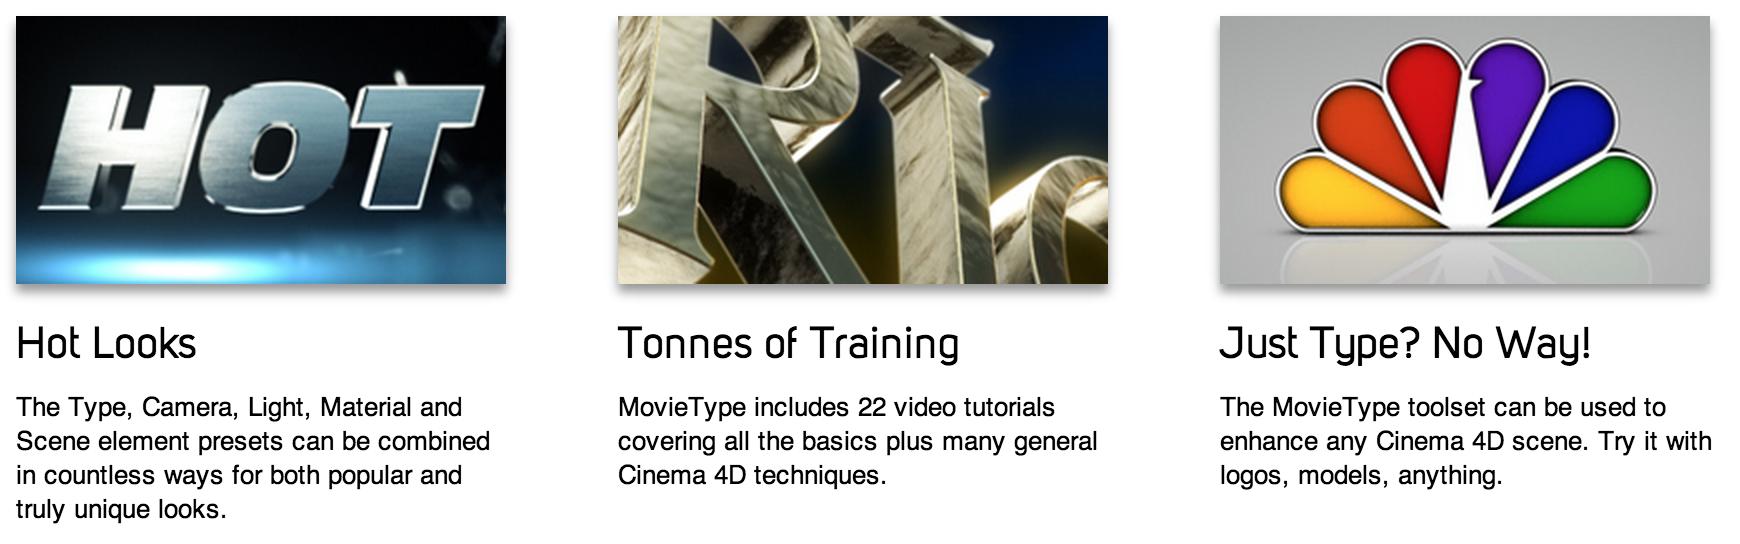 MovieType